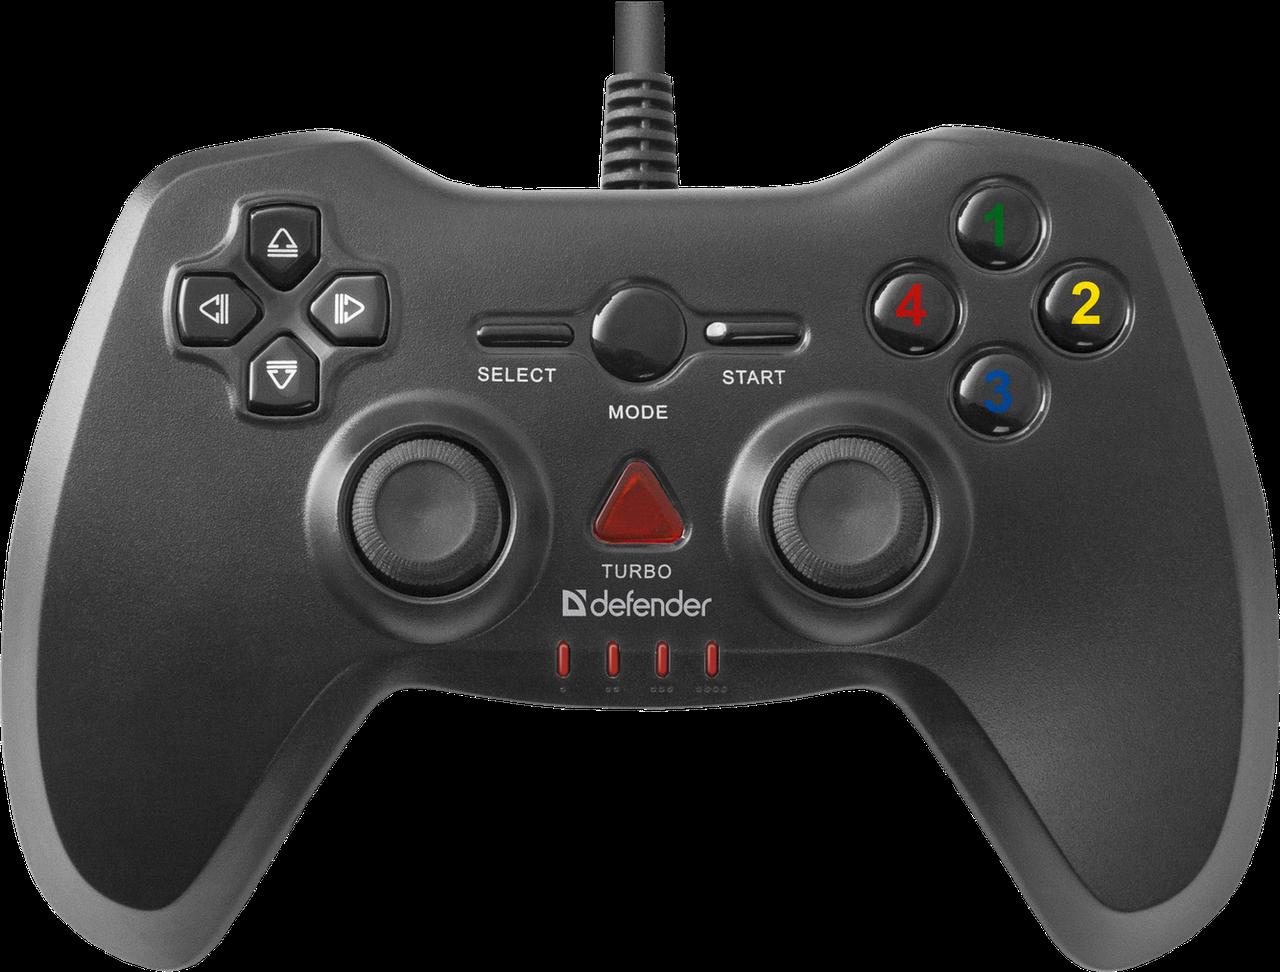 Игровой джойстик/геймпад Defender Archer USB-PS2/3 (12 кнопок, 2 стика)